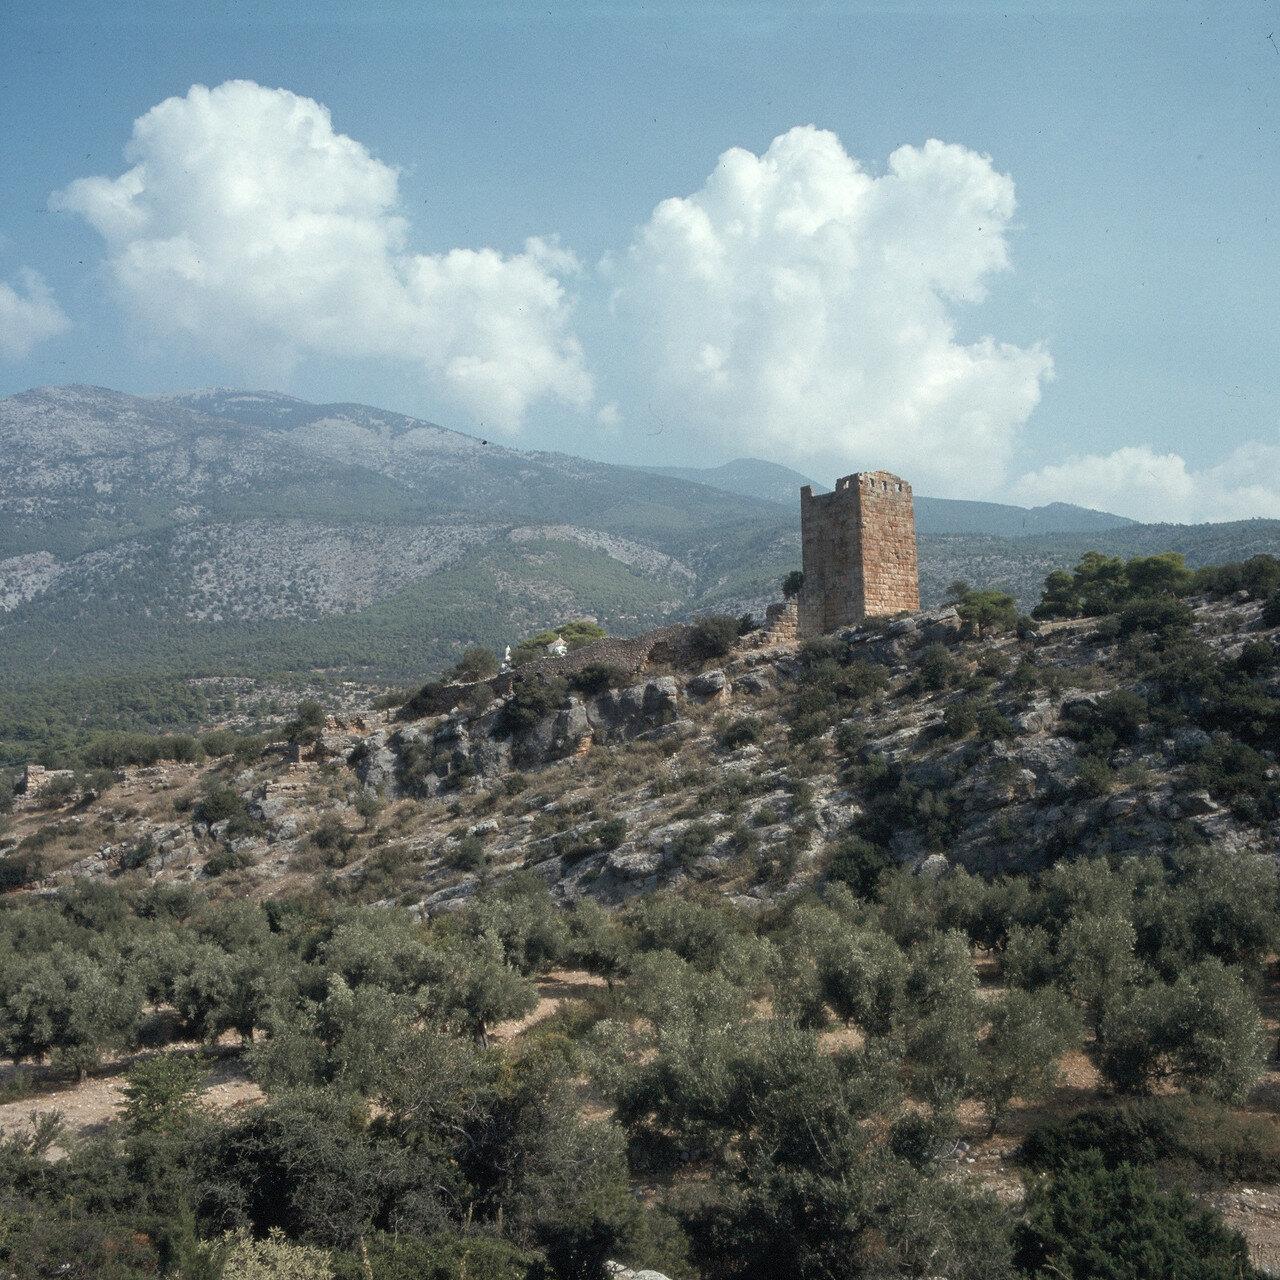 Порто Гермено. Эгосфены. Акрополь Эгосфен. Мегарская пограничная крепость IV-III вв. до н.э. На заднем плане горный хребет Китерон